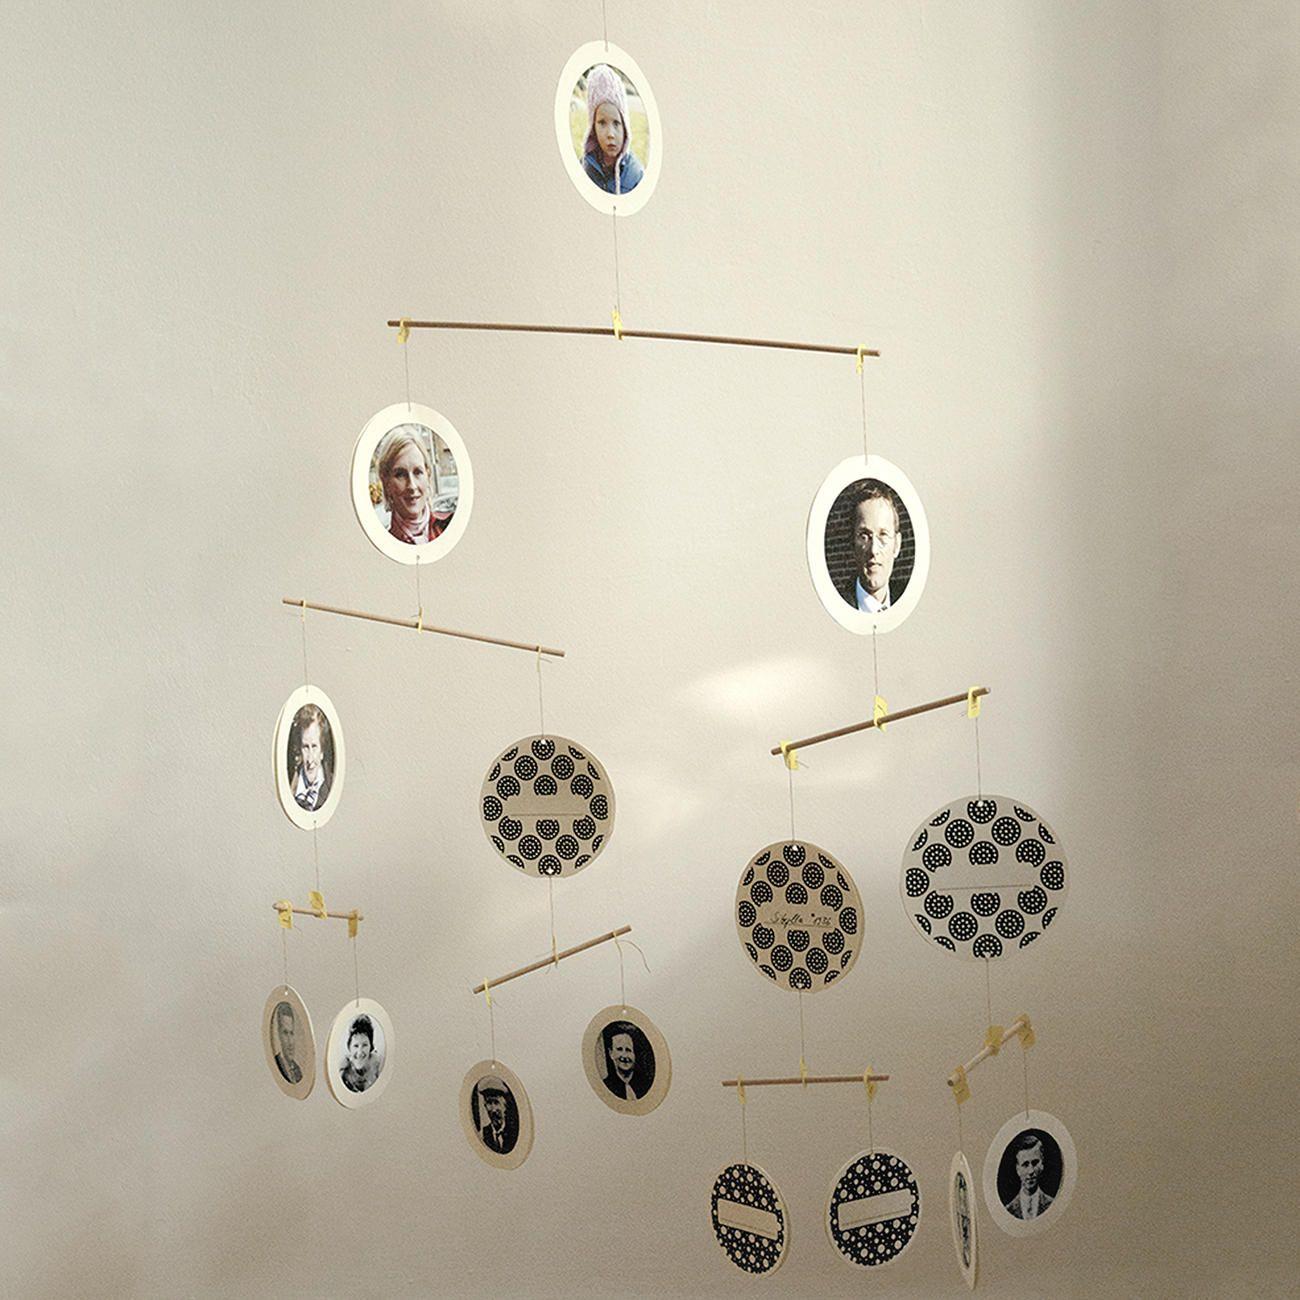 Mobile la familia ihr stammbaum ber vier generationen als anschauliches mobile diy - Stammbaum basteln mit kindern ...